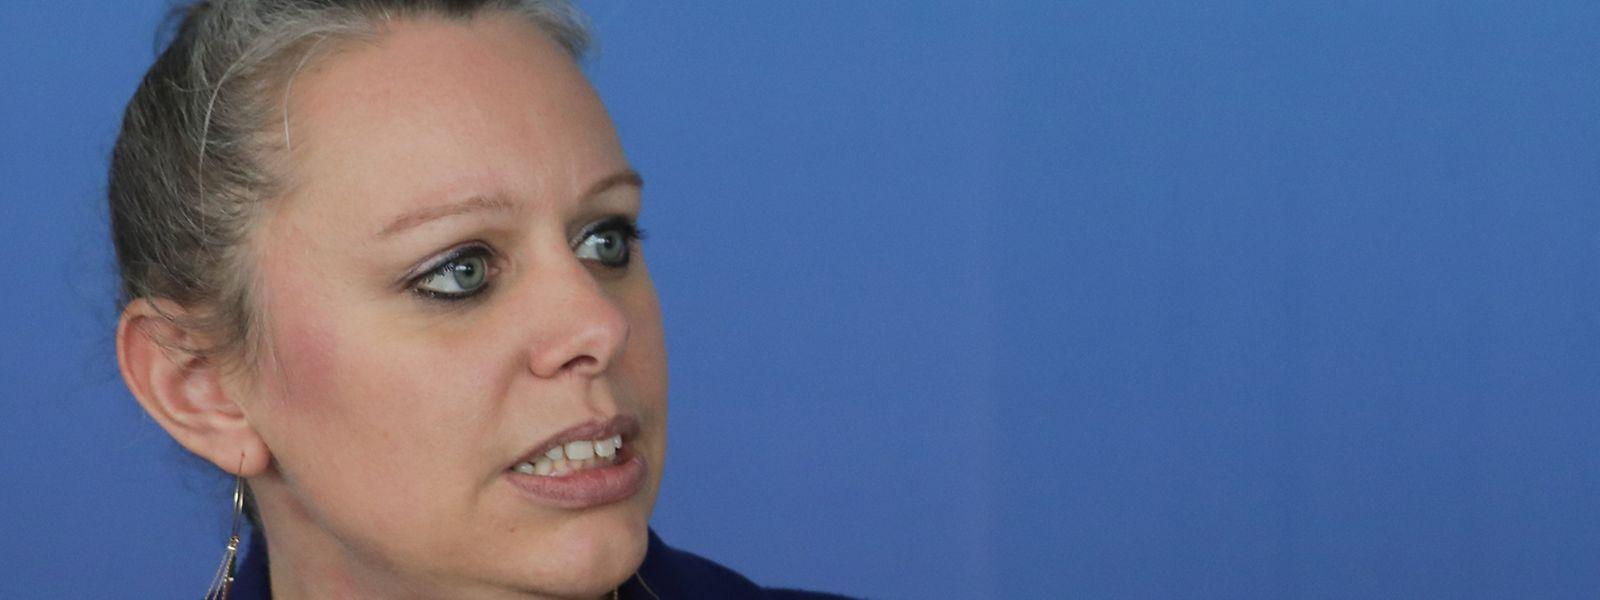 Carole Dieschbourg, au nom de l'Etat luxembourgeois, émettra un avis critique sur le projet belge d'enfouissement.